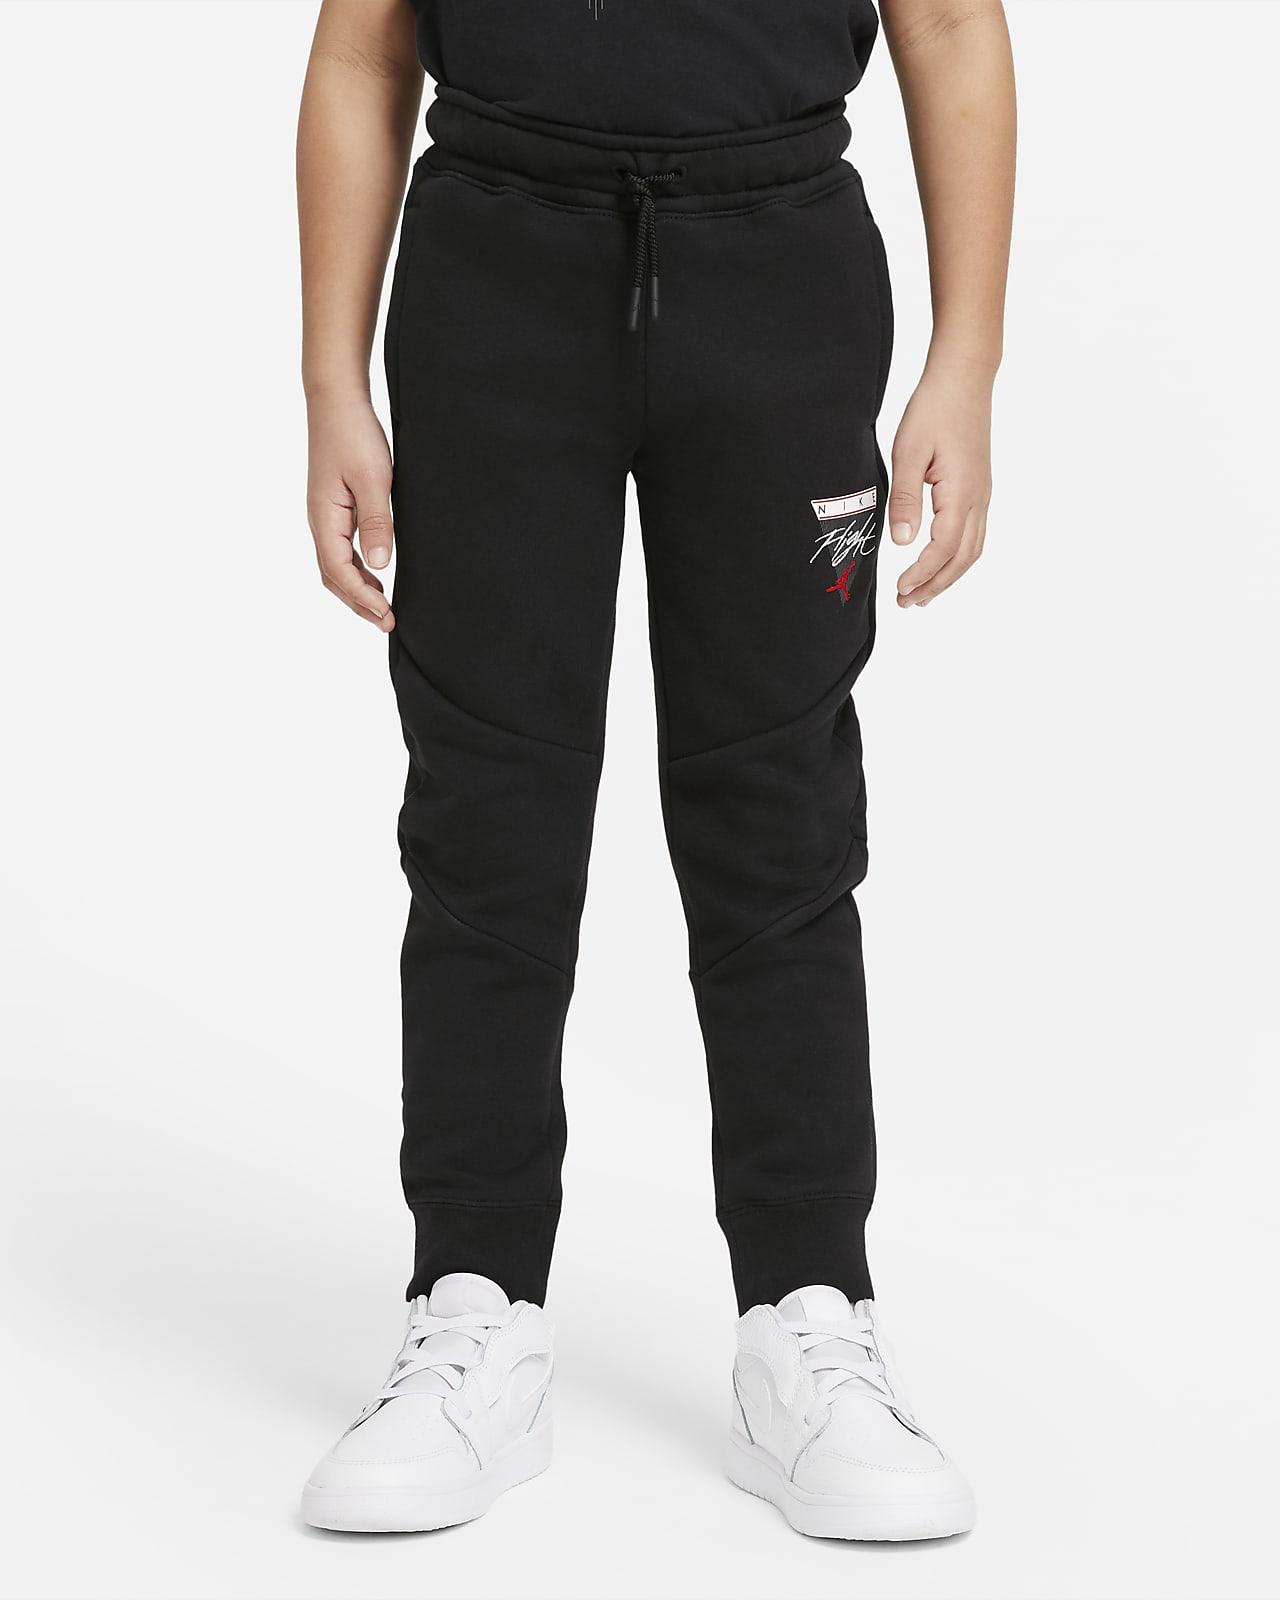 Jordan 幼童长裤